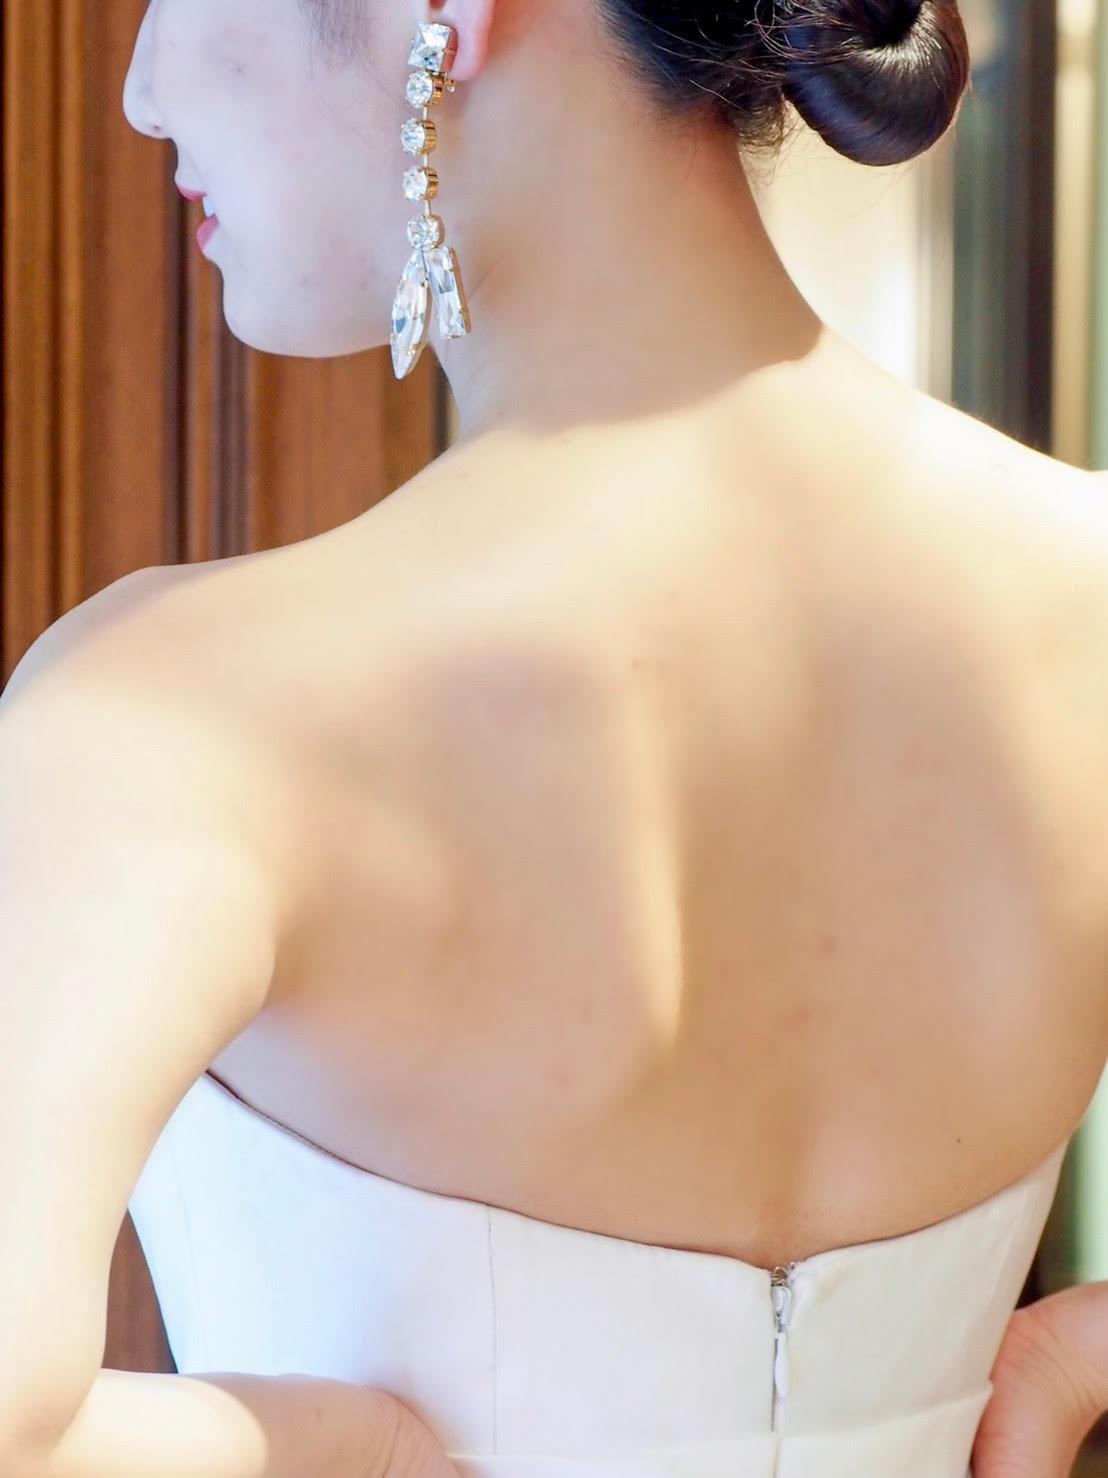 シンプルなドレスにぴったりのビッグイヤリングでコーディネートのポイントをおいたヴィクターアンドロルフマリアージュのウェディングドレス